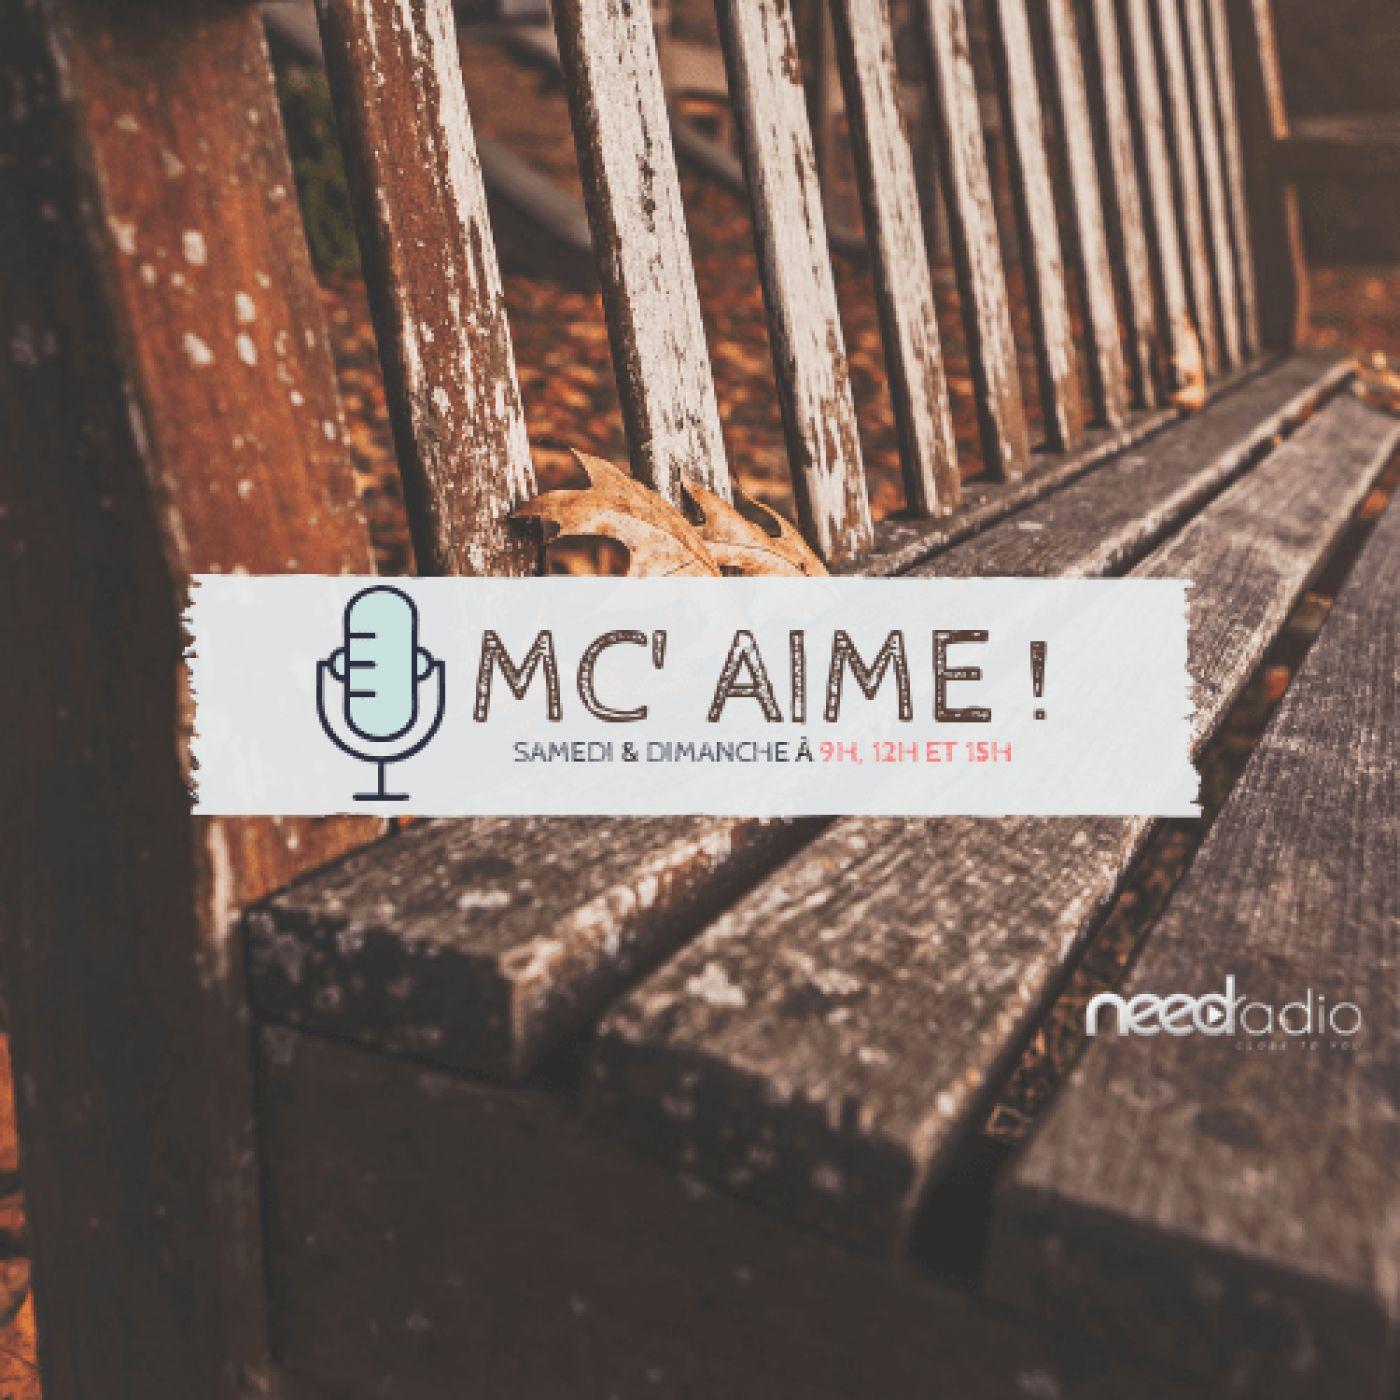 MC' Aime - Vies de papier (23/03/19)